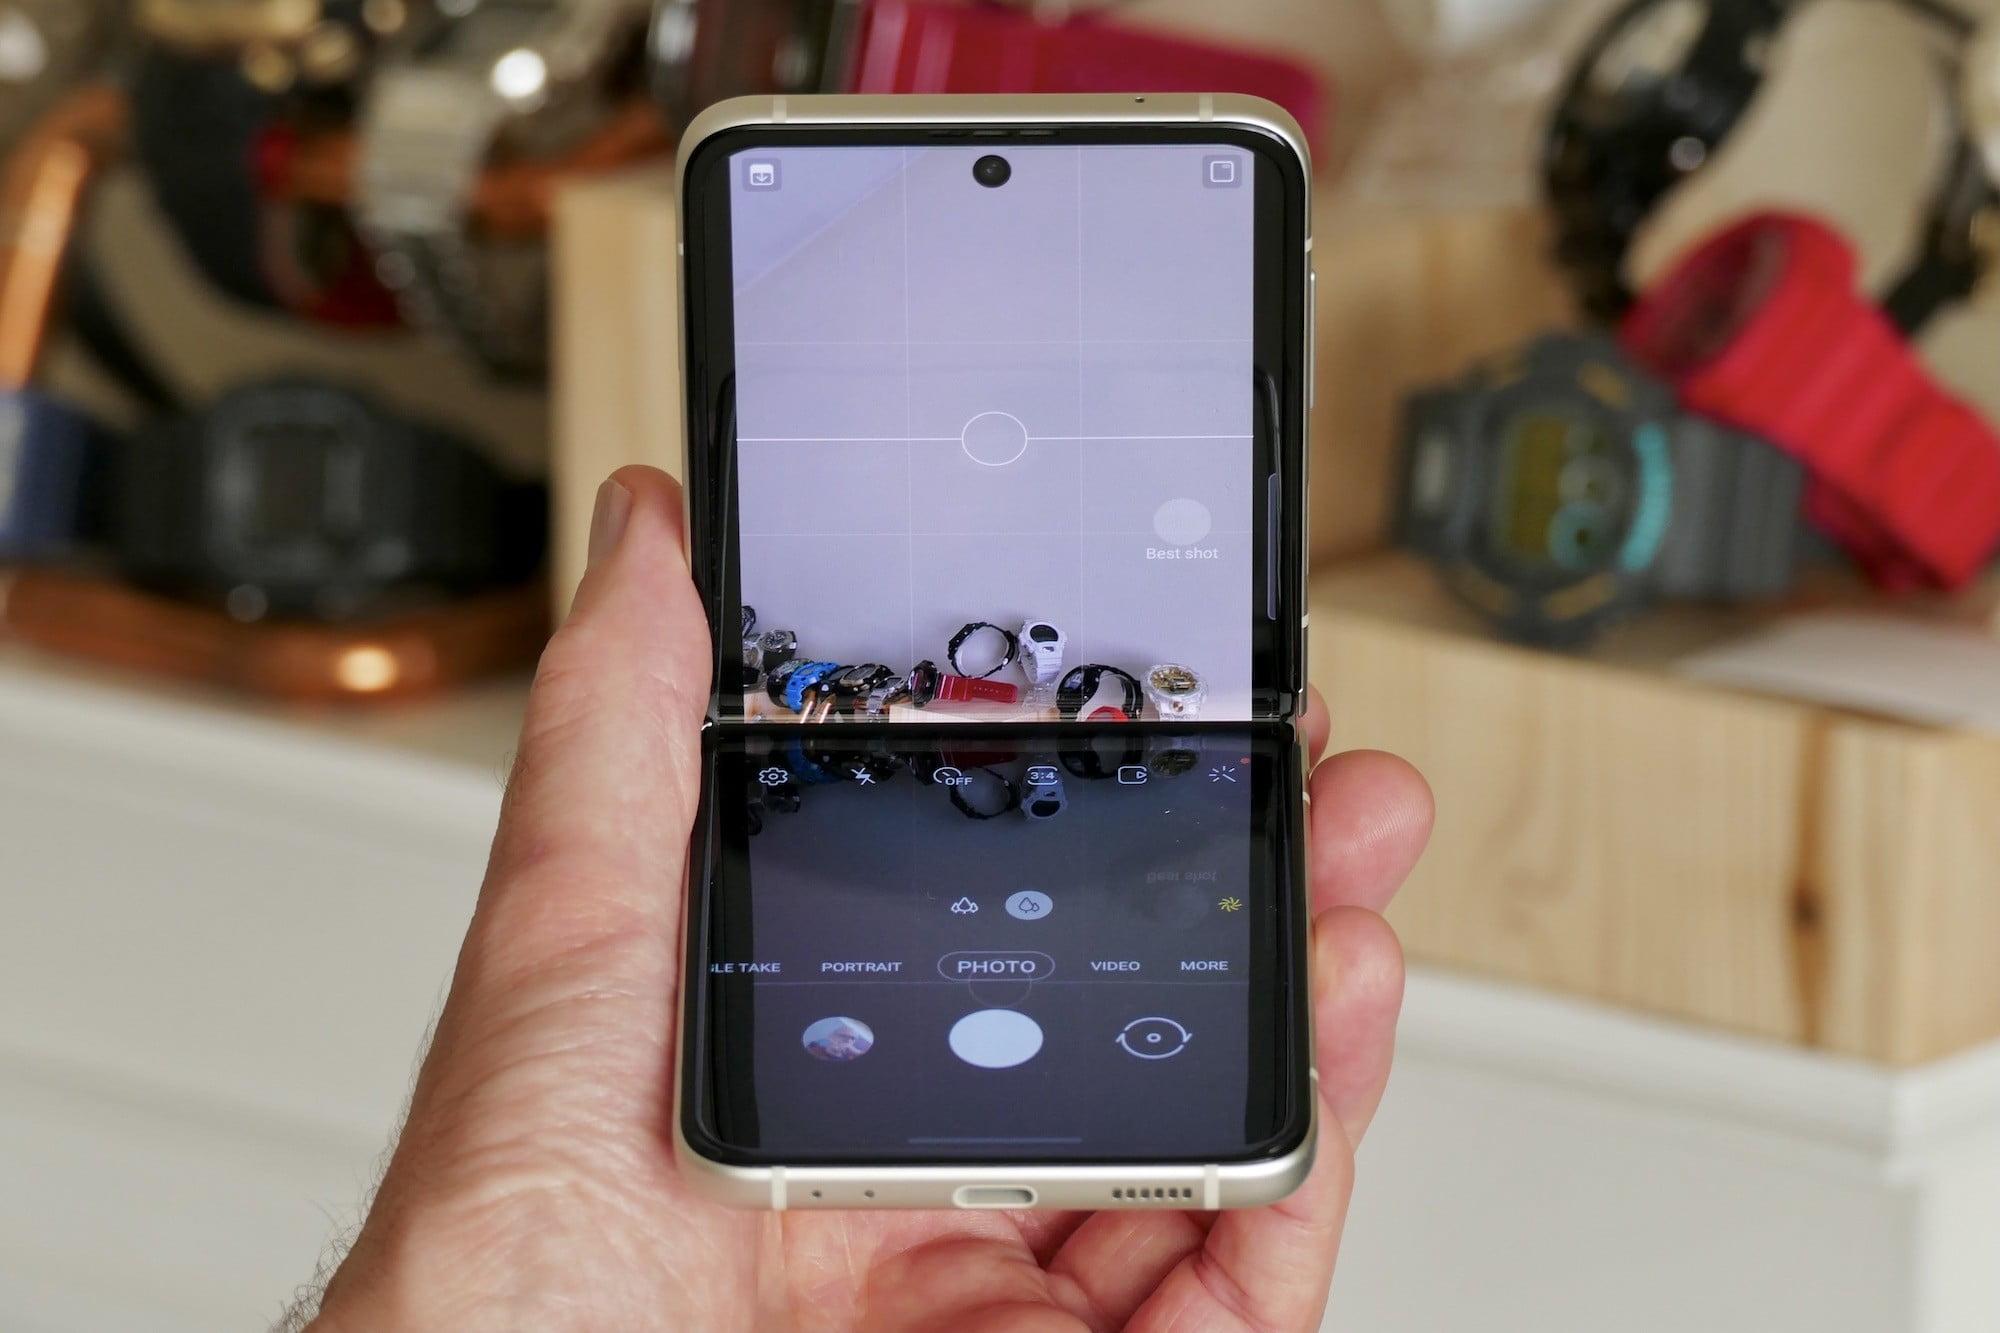 Galaxy Z Flip 3's camera app.